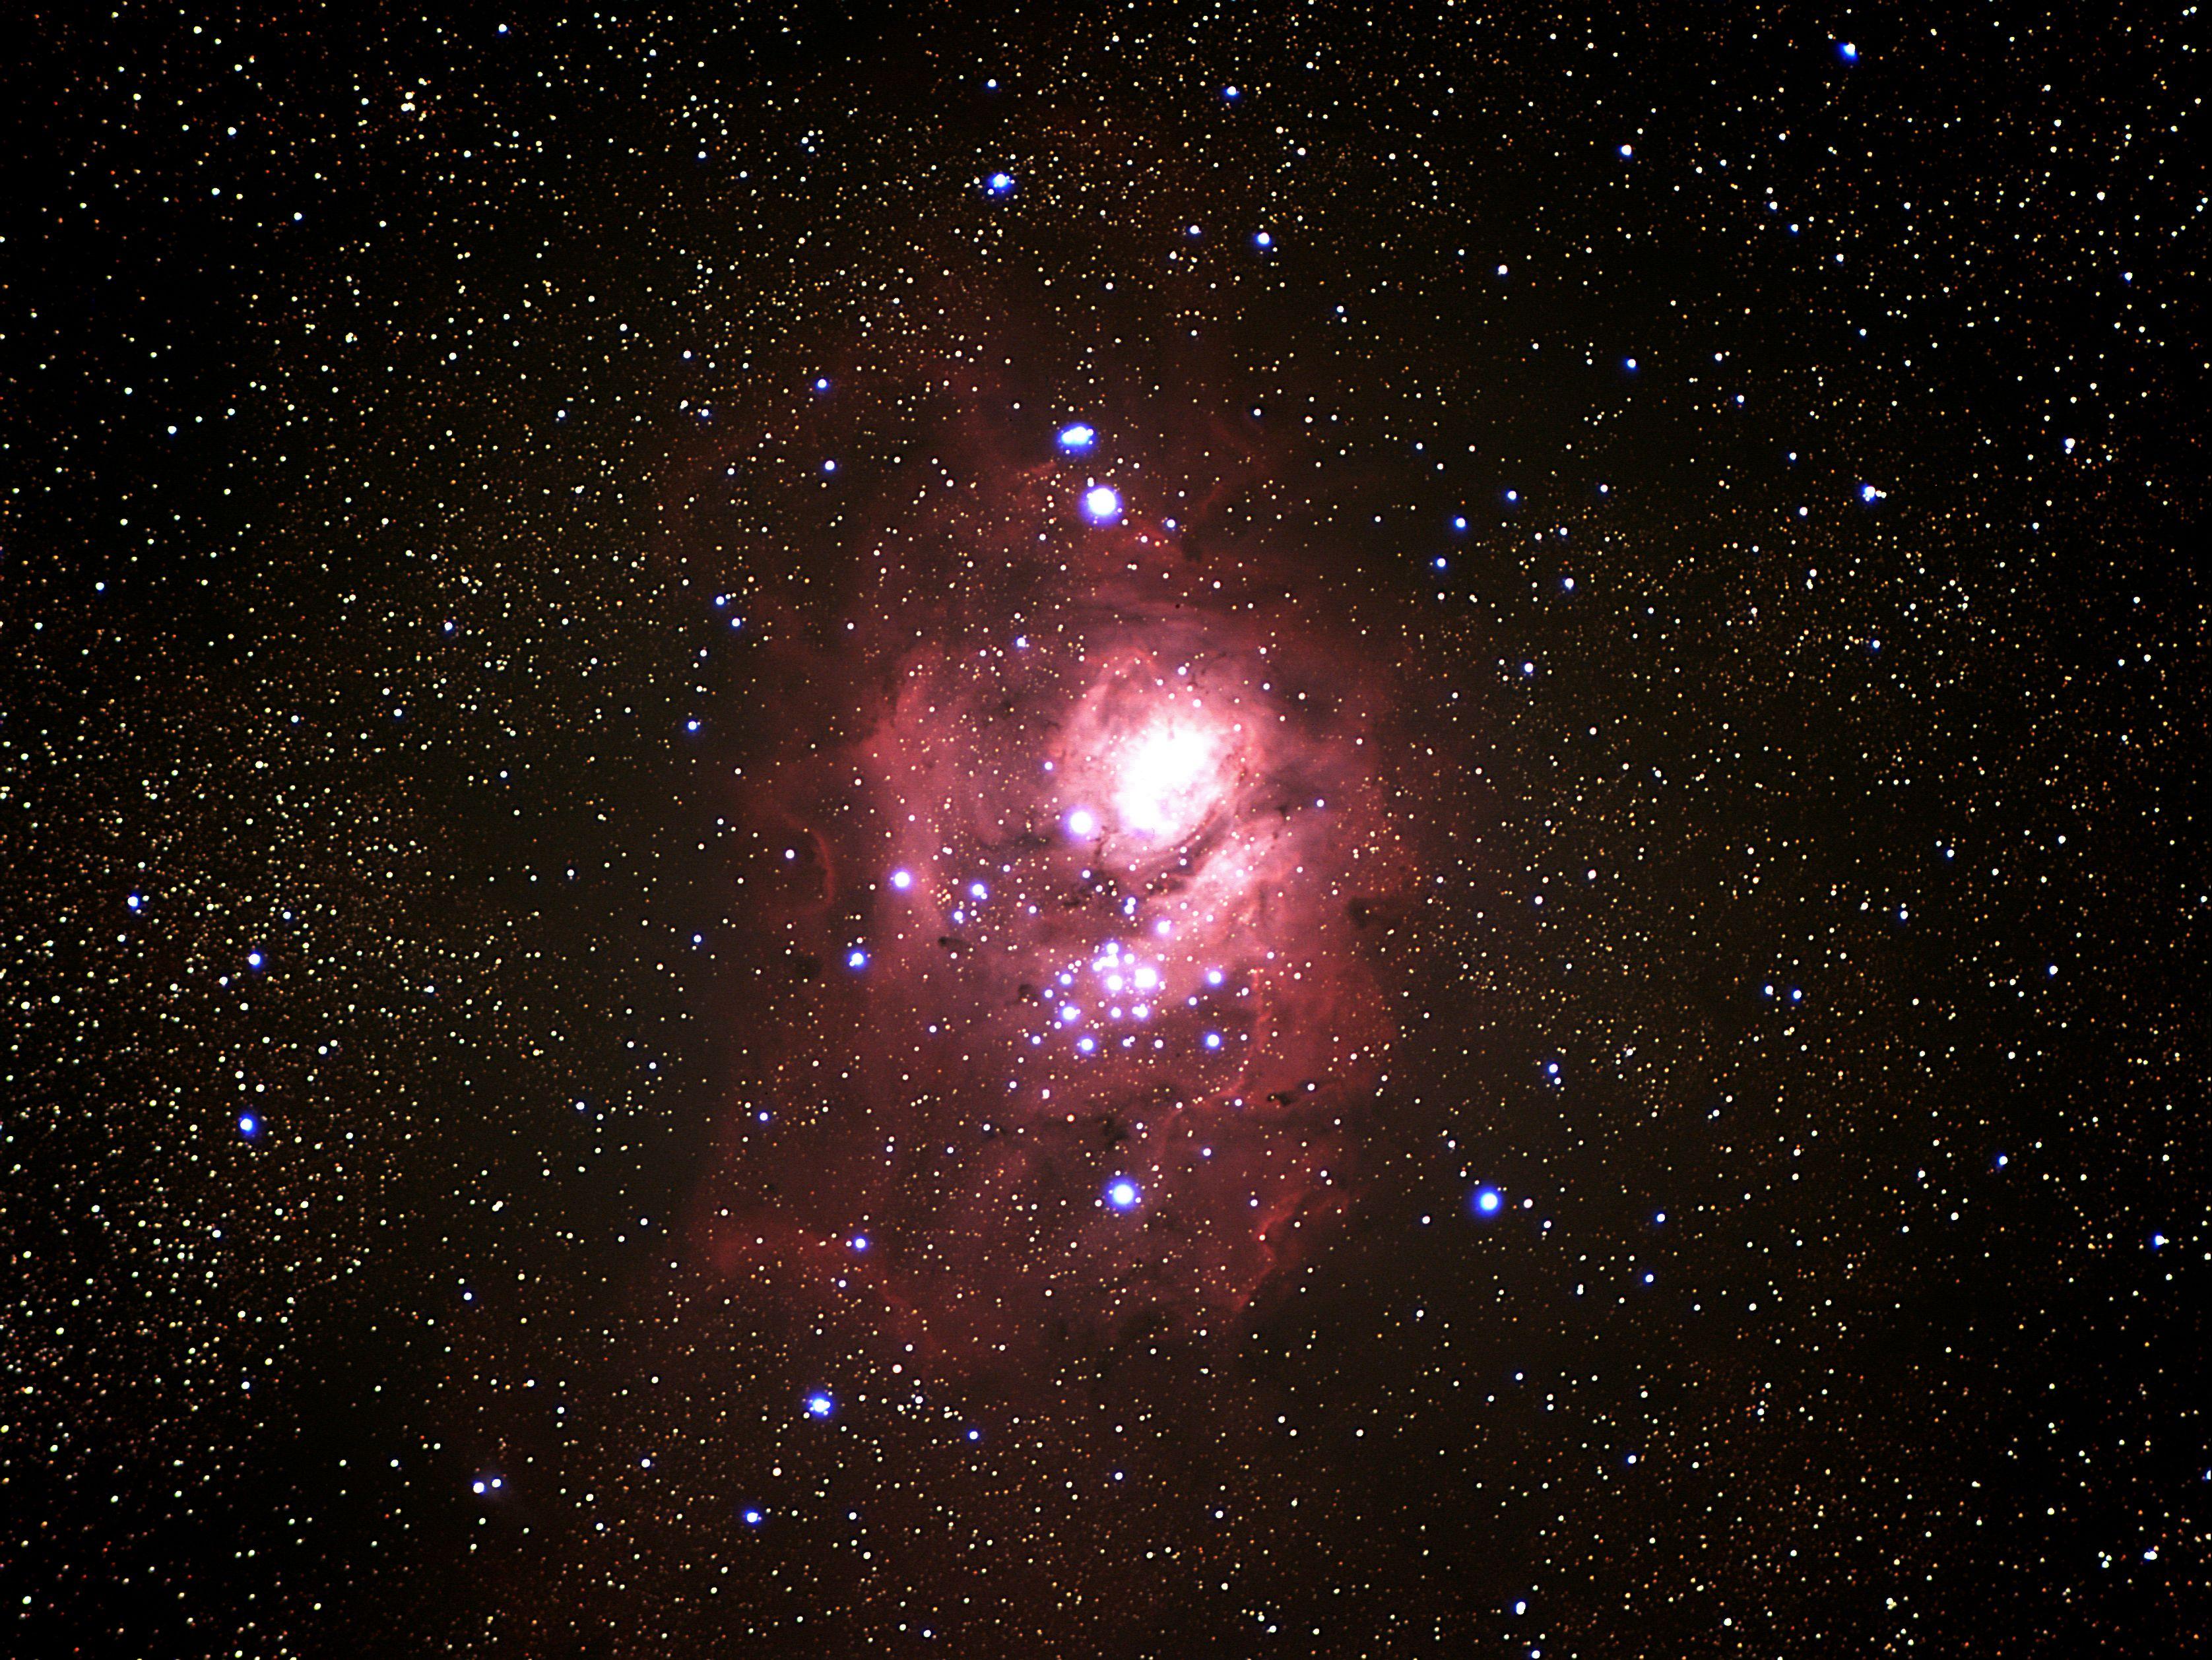 m8 astronomy - photo #39